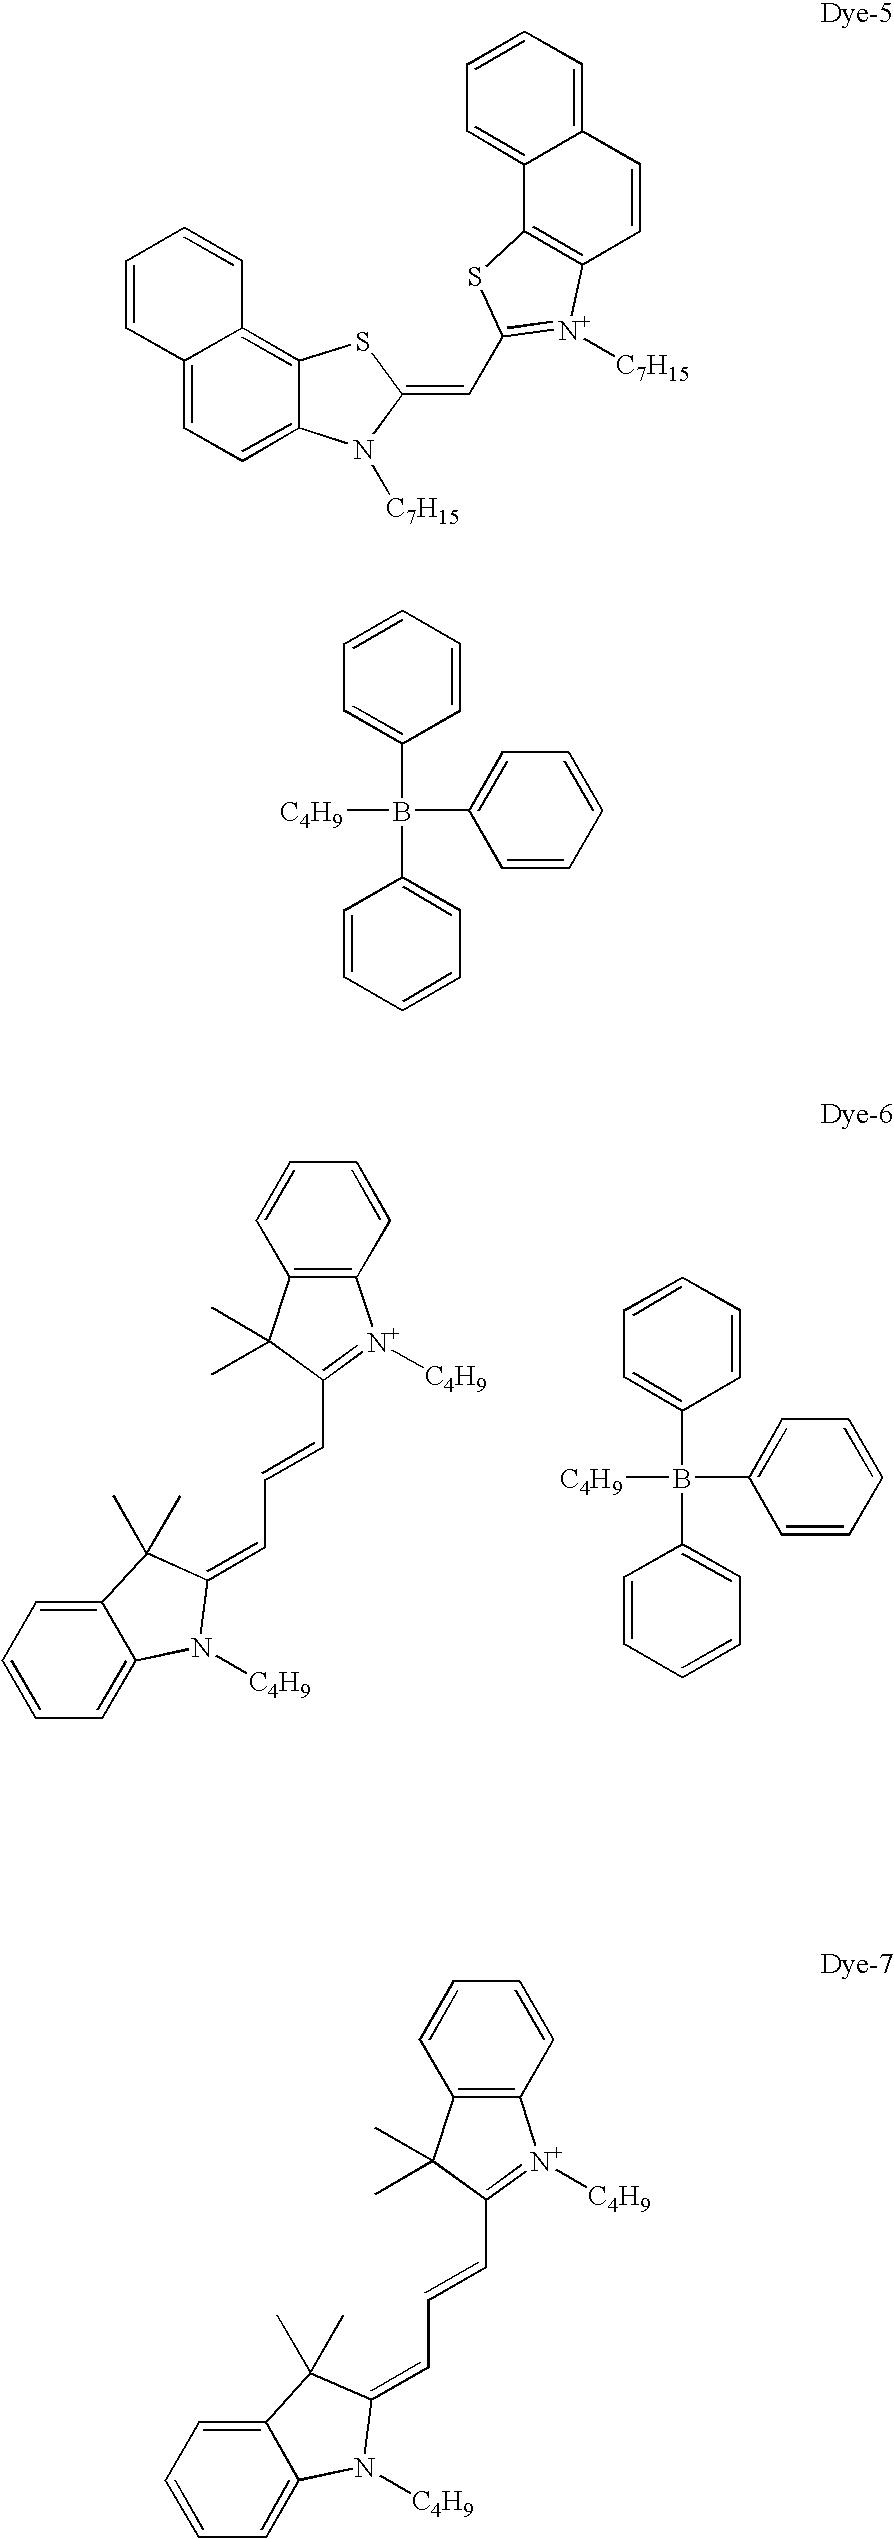 Figure US20050084789A1-20050421-C00002